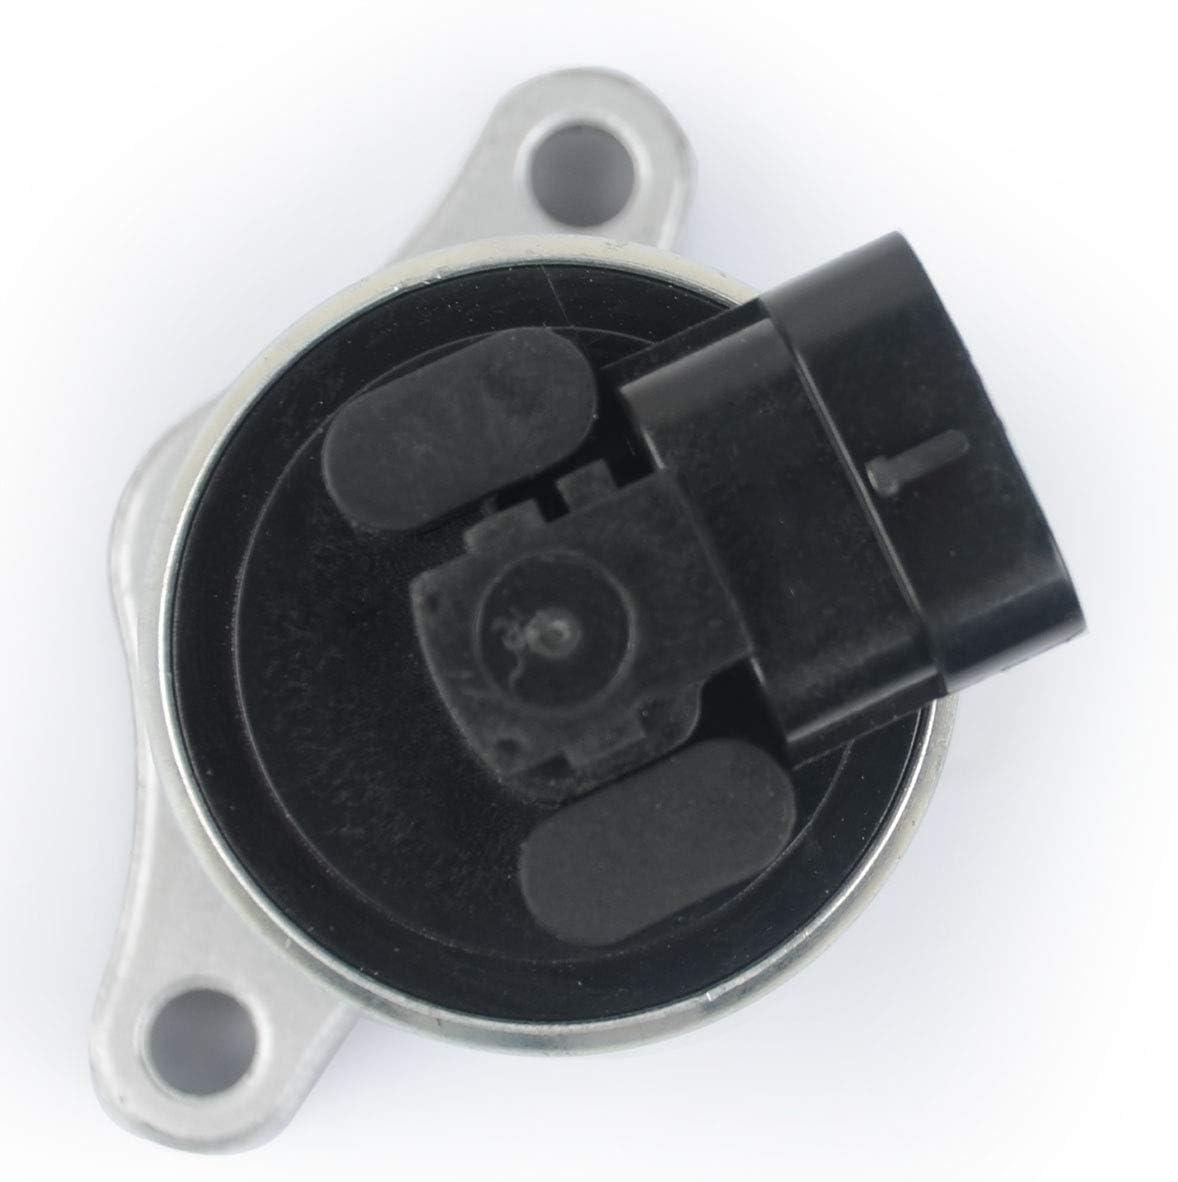 EGR VALVE 5851024 5851038 5851604 FOR Astra Zafira Vectra Corsa Meriva Tigra 1.4 1.6 1.8